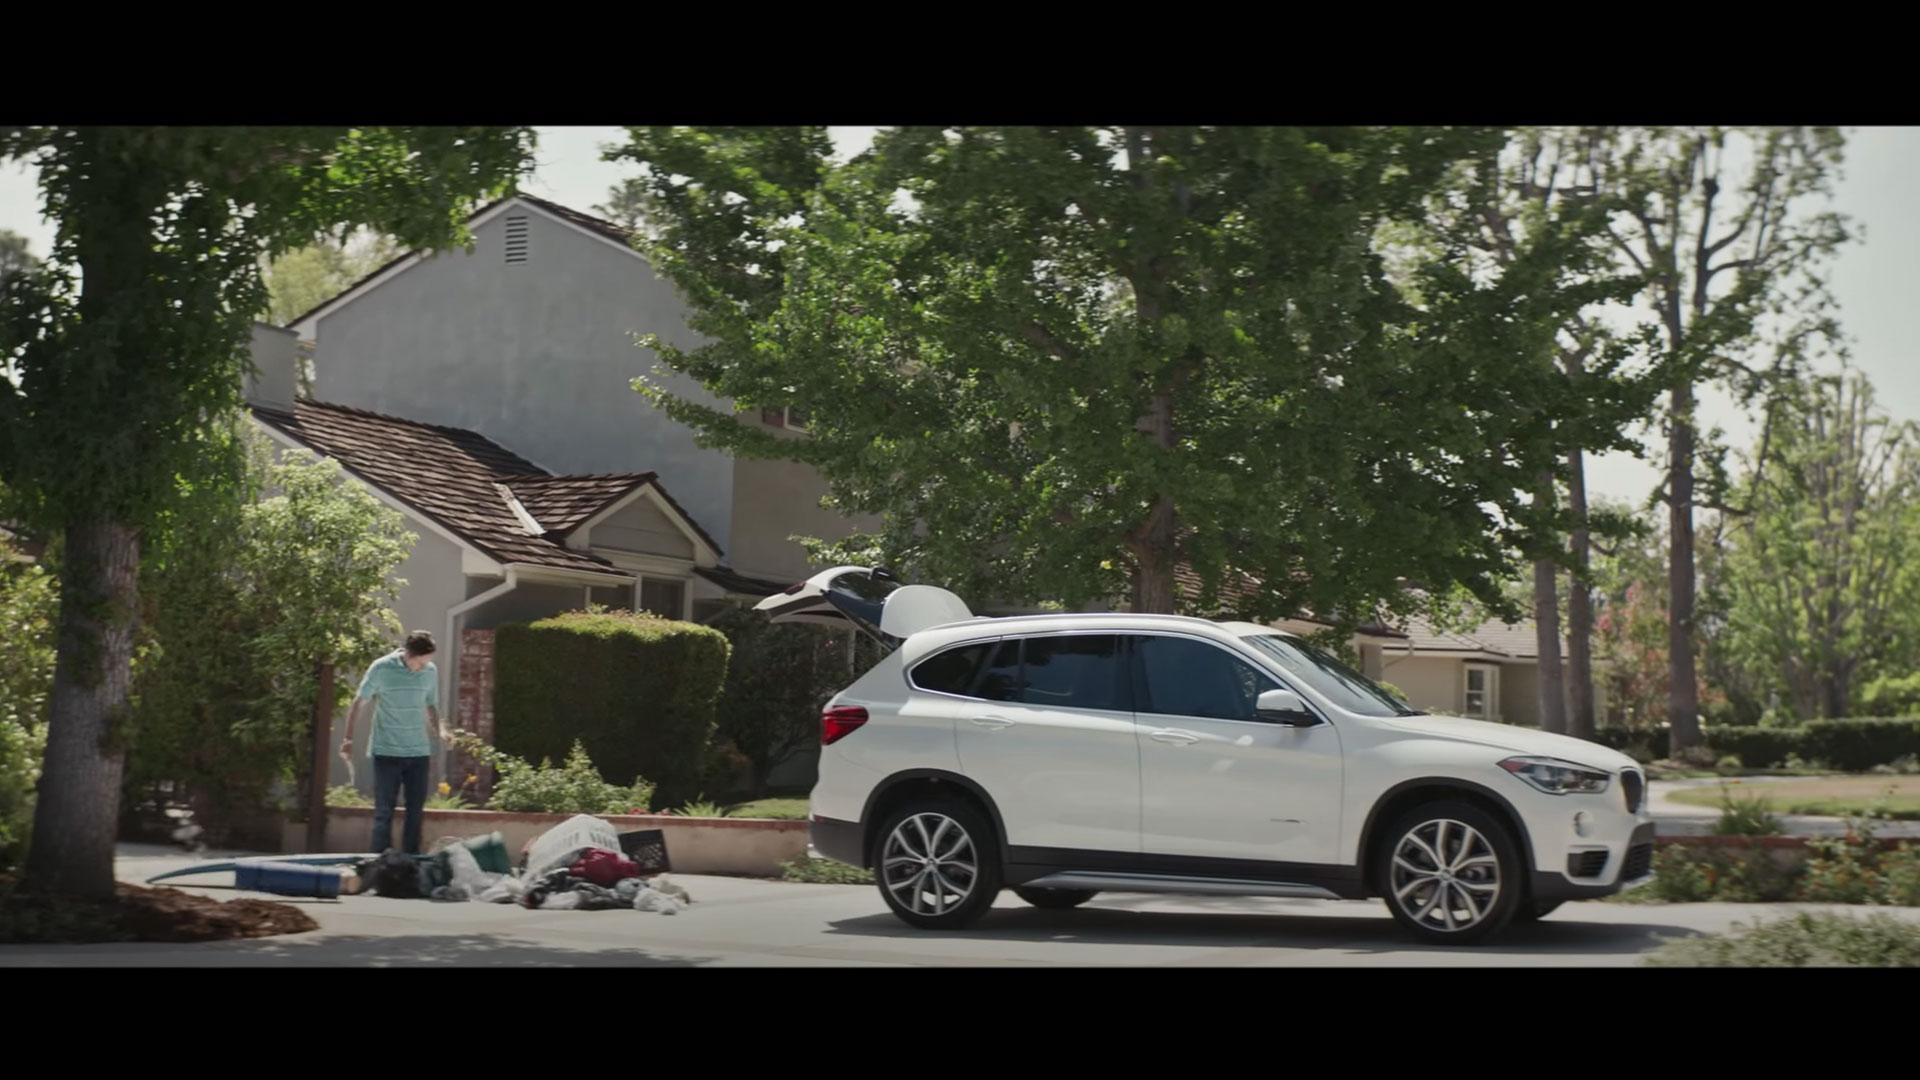 BMW X1 op de oprit